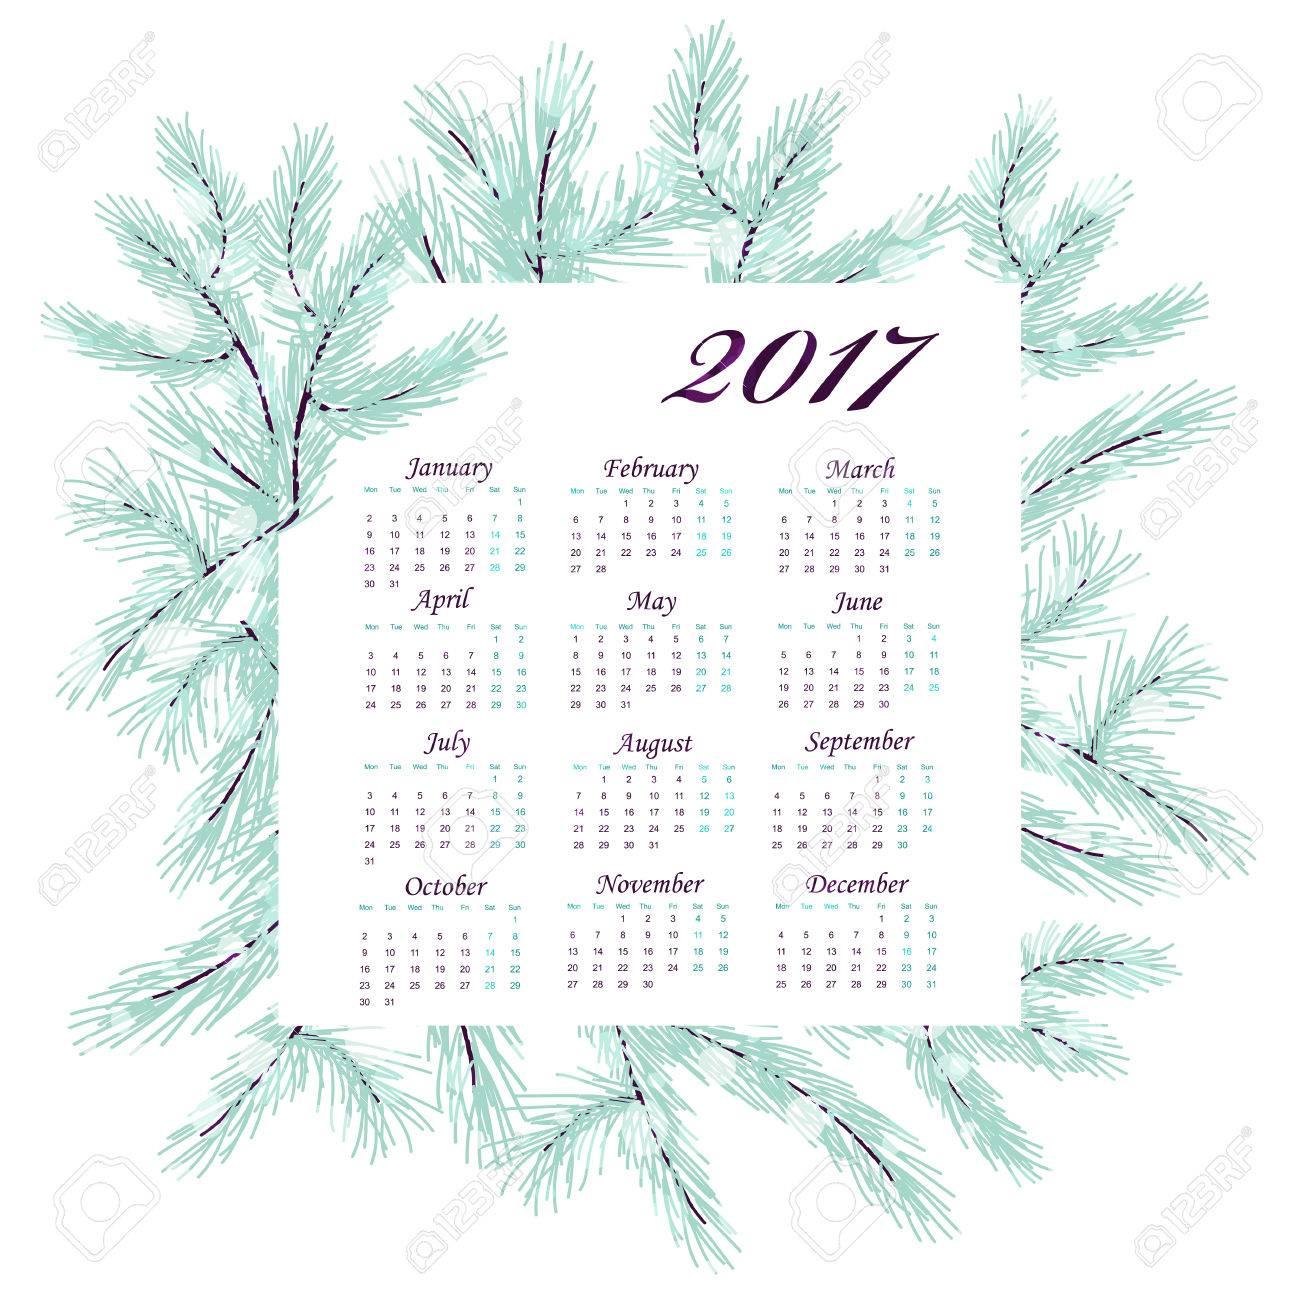 9dc0a96f5 Año Nuevo calendario mensual. corona de invierno con ramas de pino.  dibujado a mano